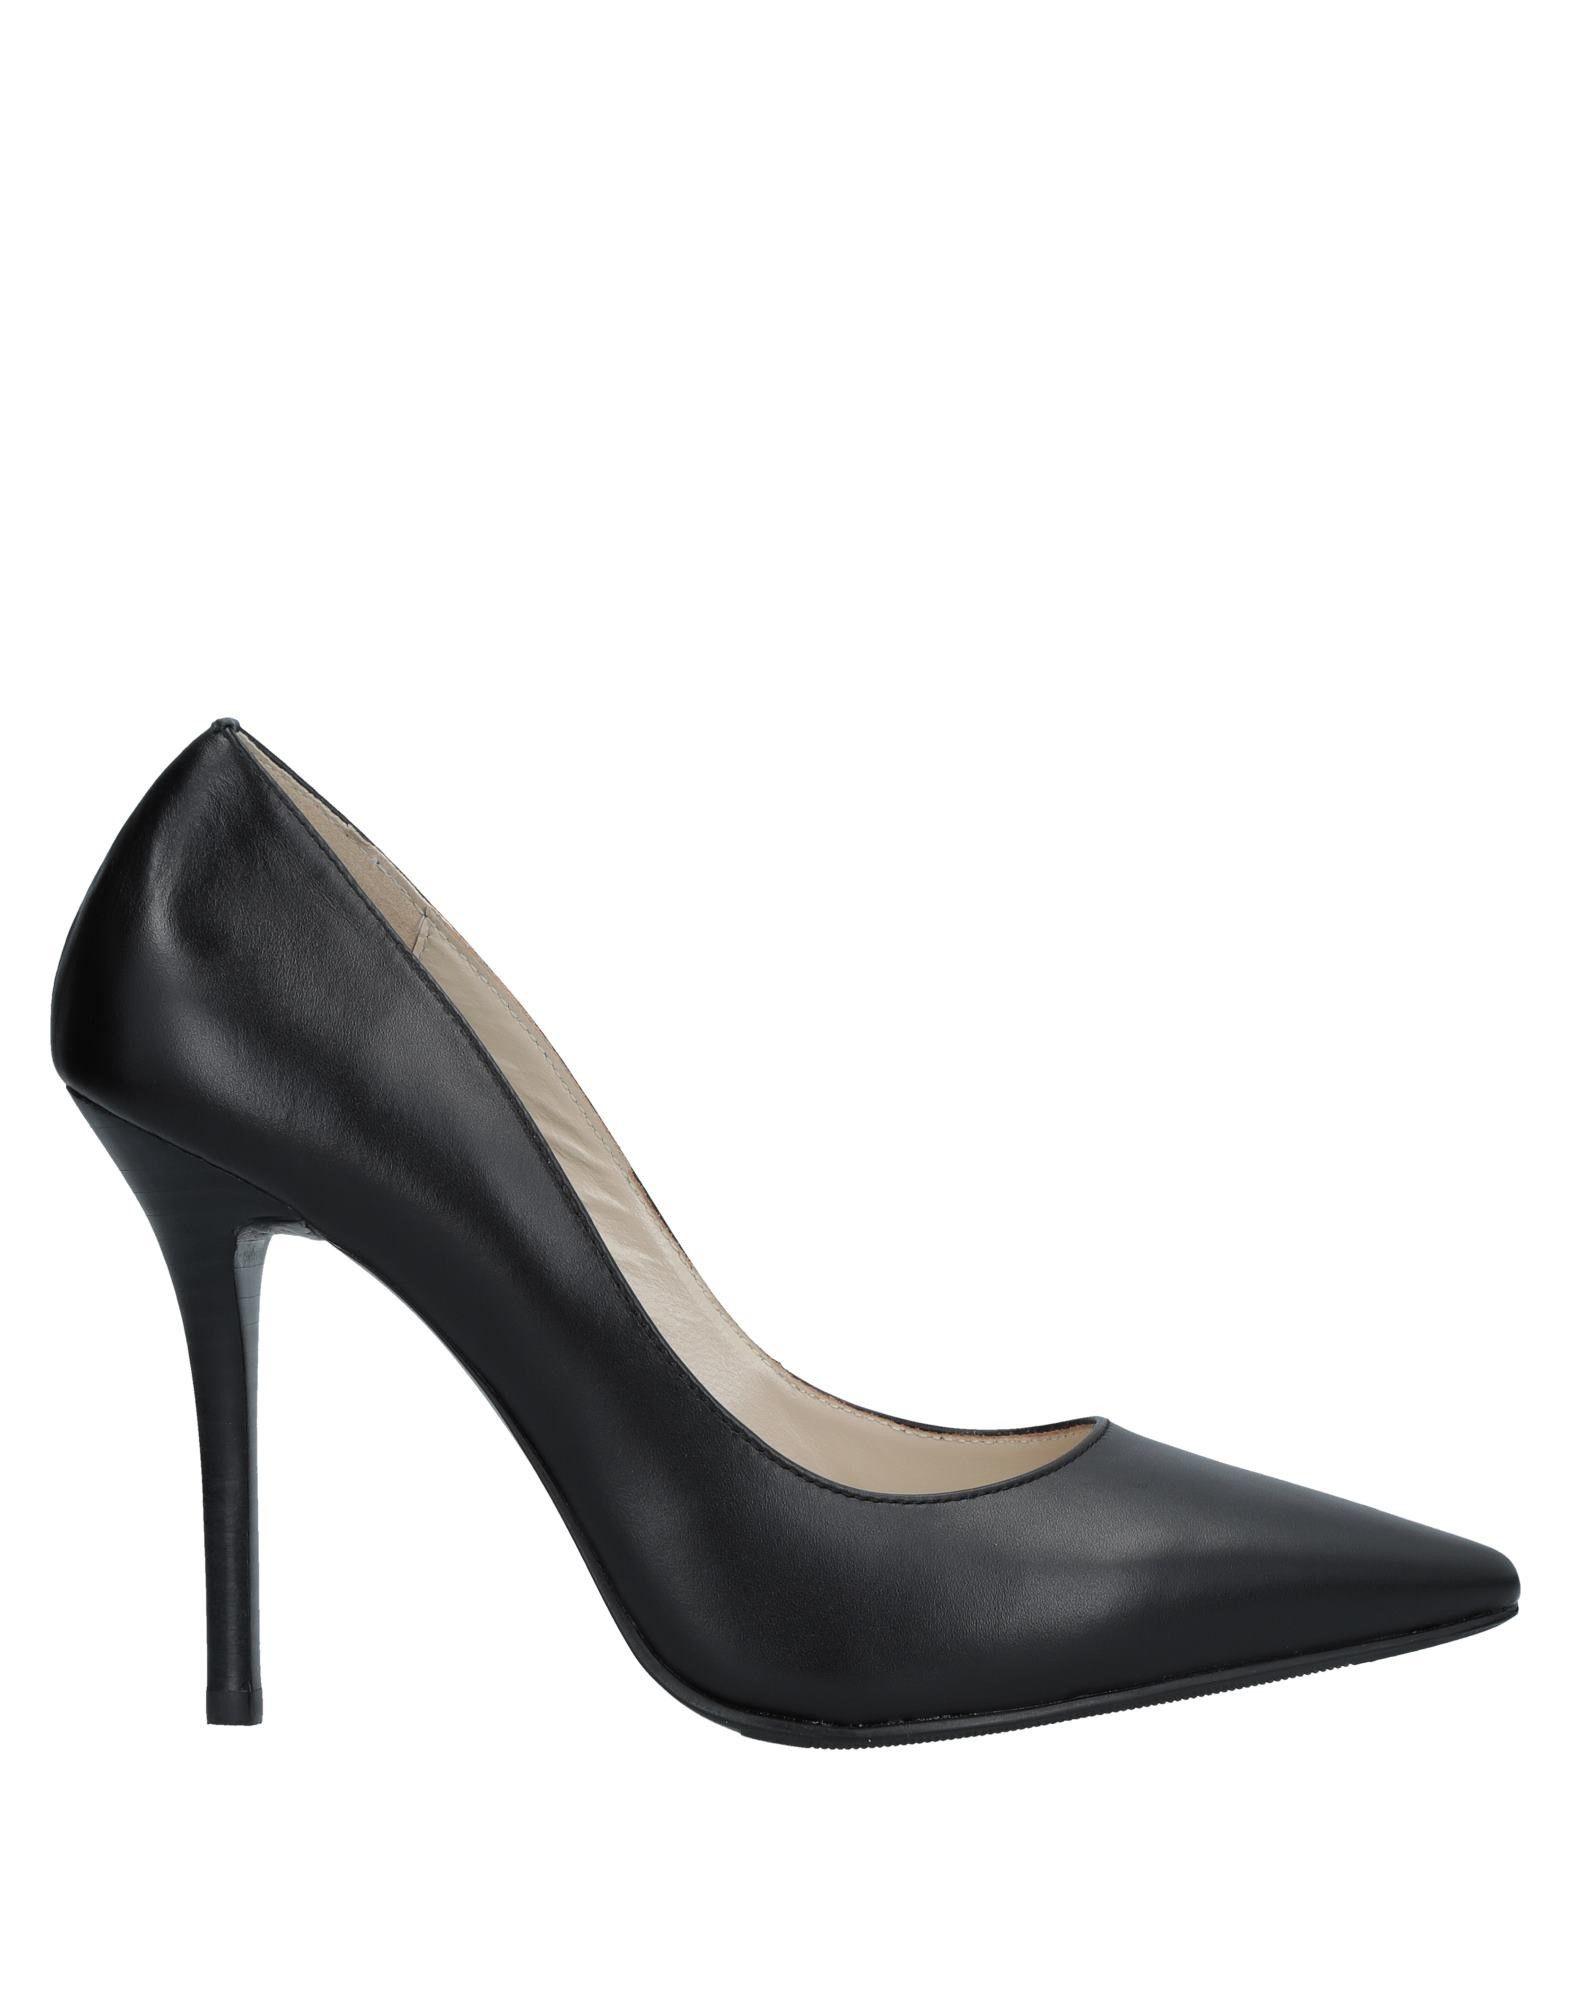 Luciano Barachini Pumps Qualität Damen  11529775BA Gute Qualität Pumps beliebte Schuhe 6012ff